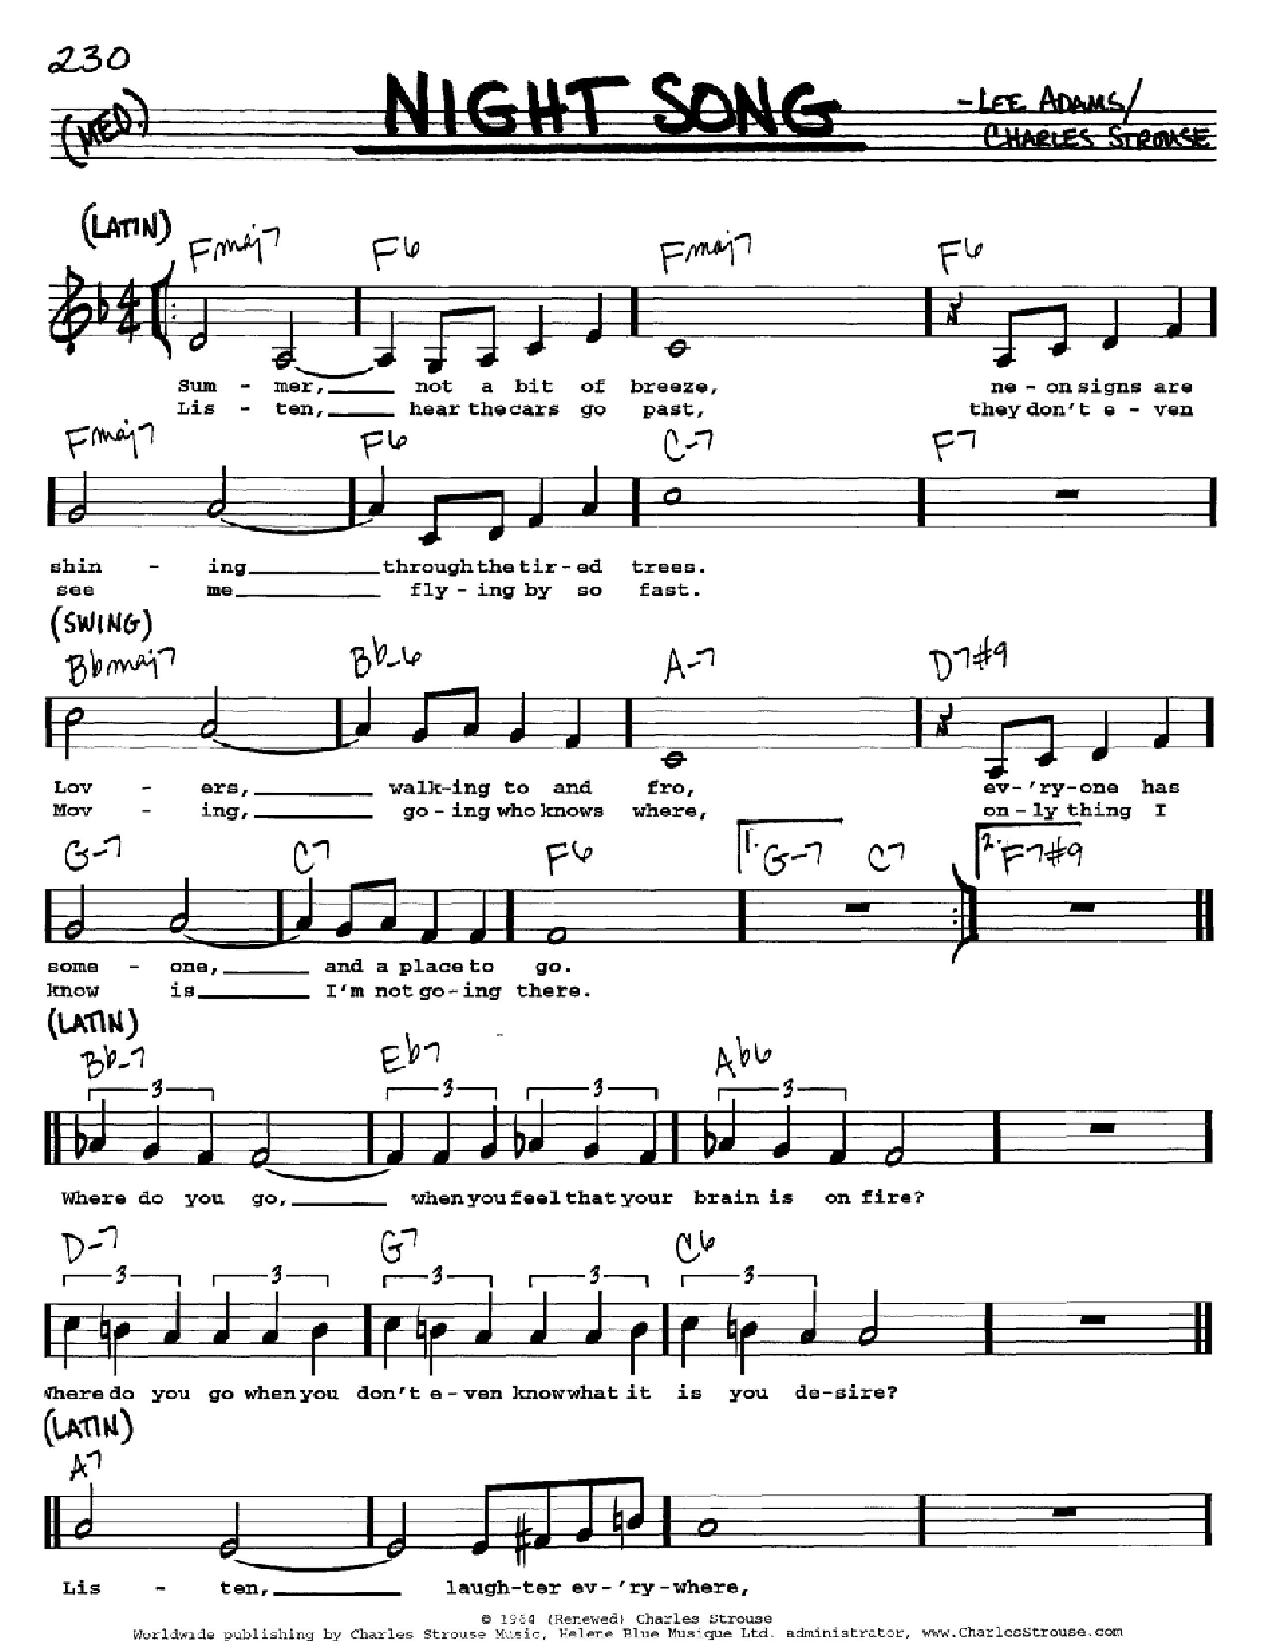 Partition autre Night Song de Charles Strouse - Real Book, Melodie, Paroles et Accords, Inst. En Do